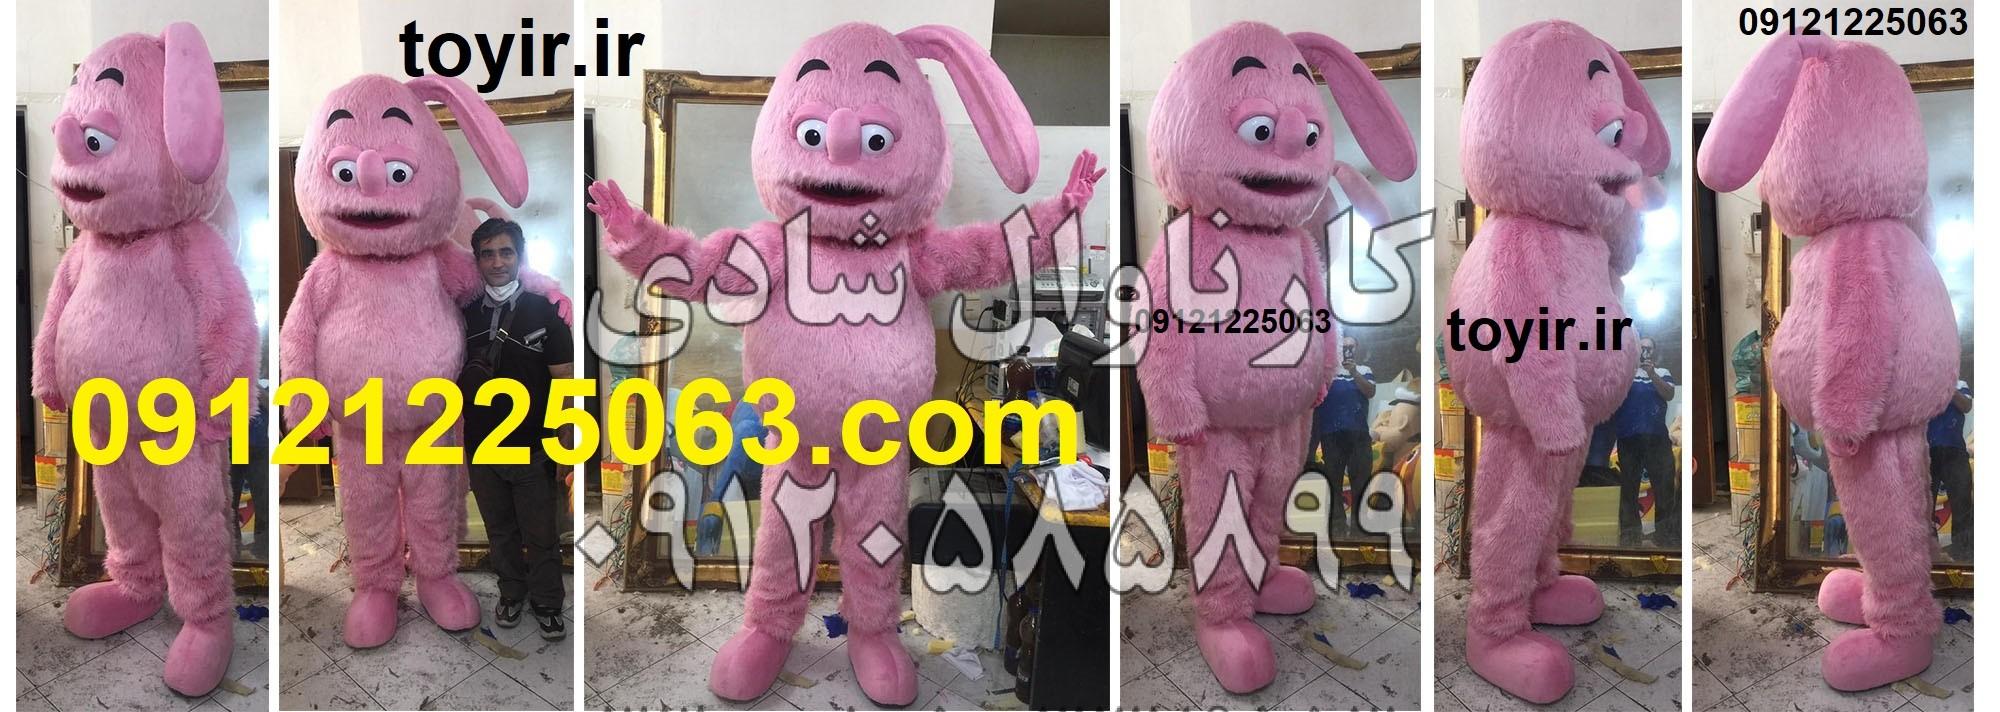 عروسک تنپوش خرگوش ناگول